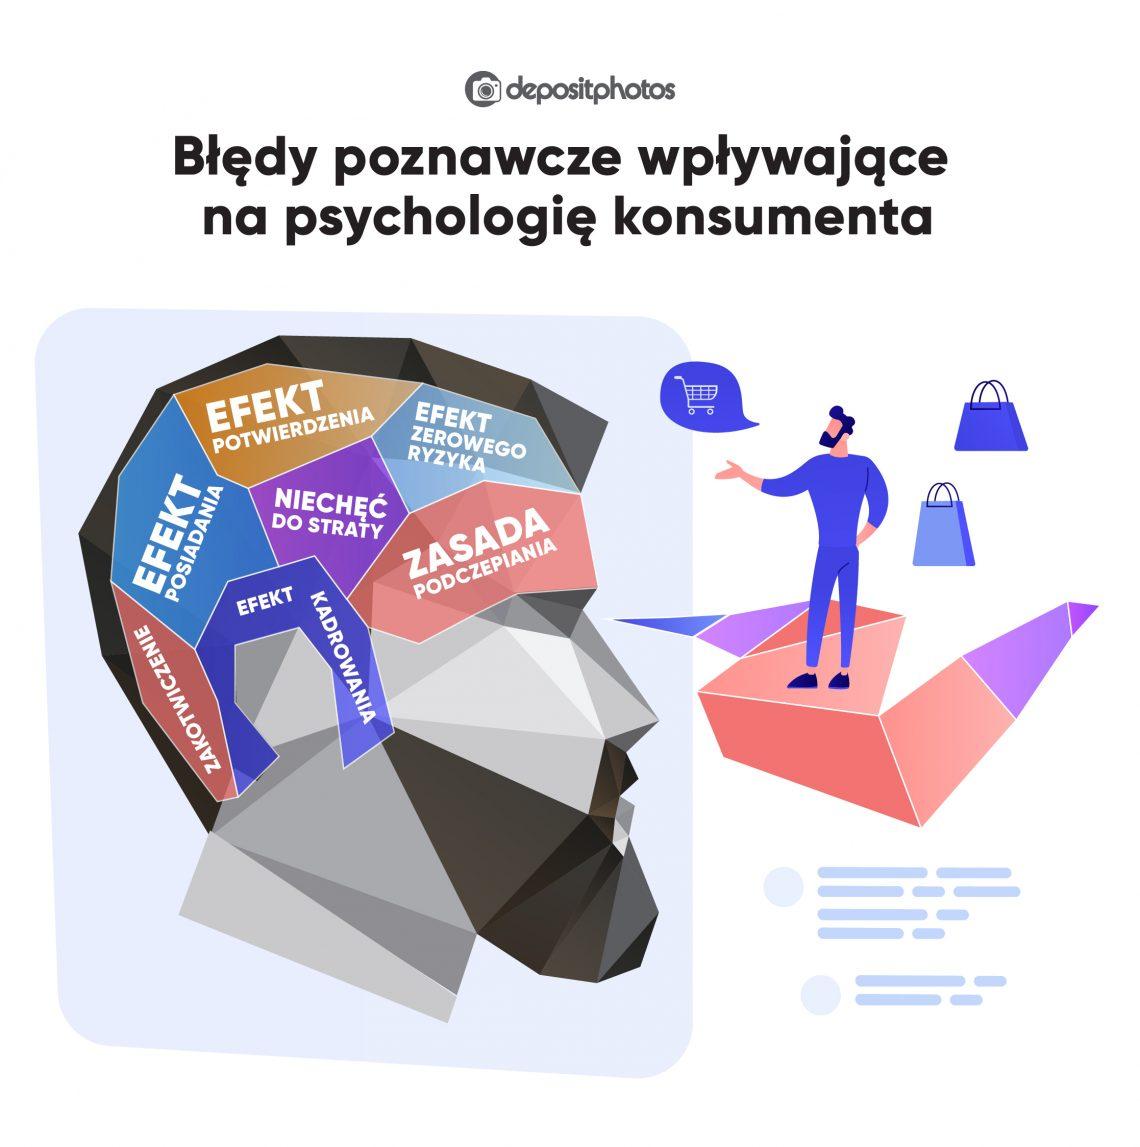 Błędy poznawcze wpływające na psychologię konsumenta